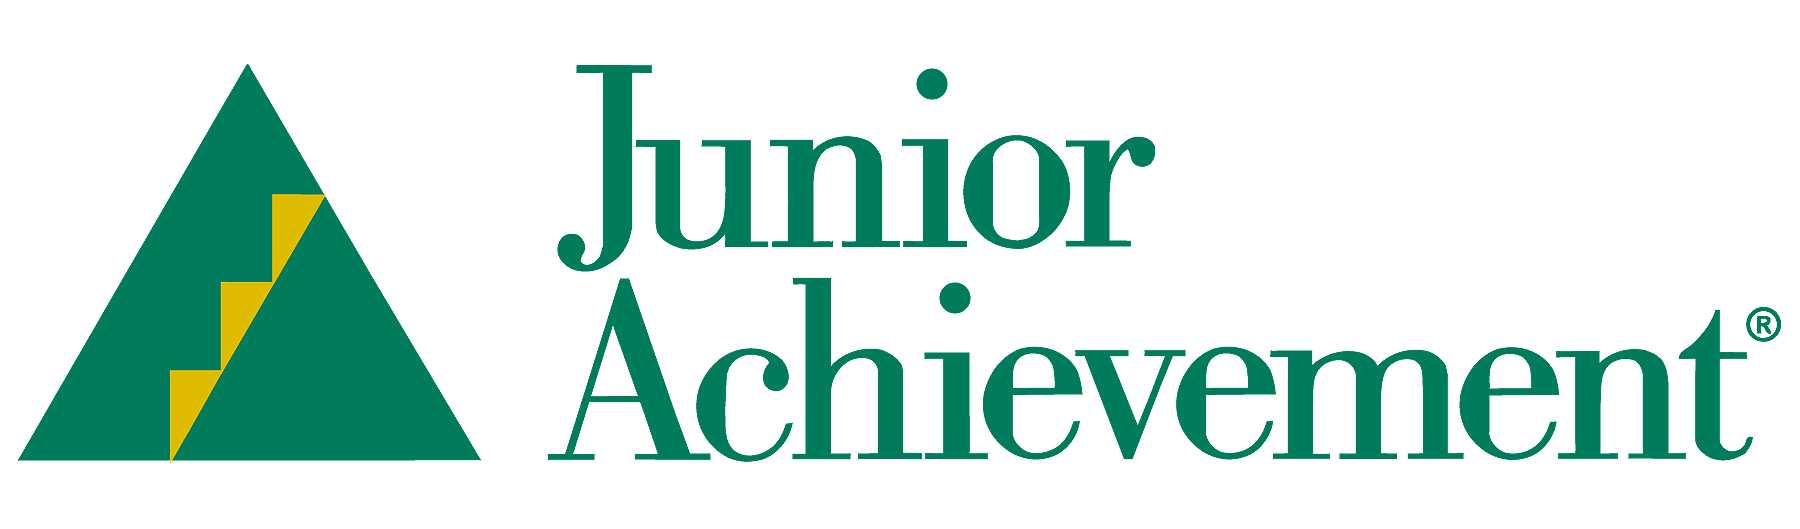 junior_achievement_logo.jpg